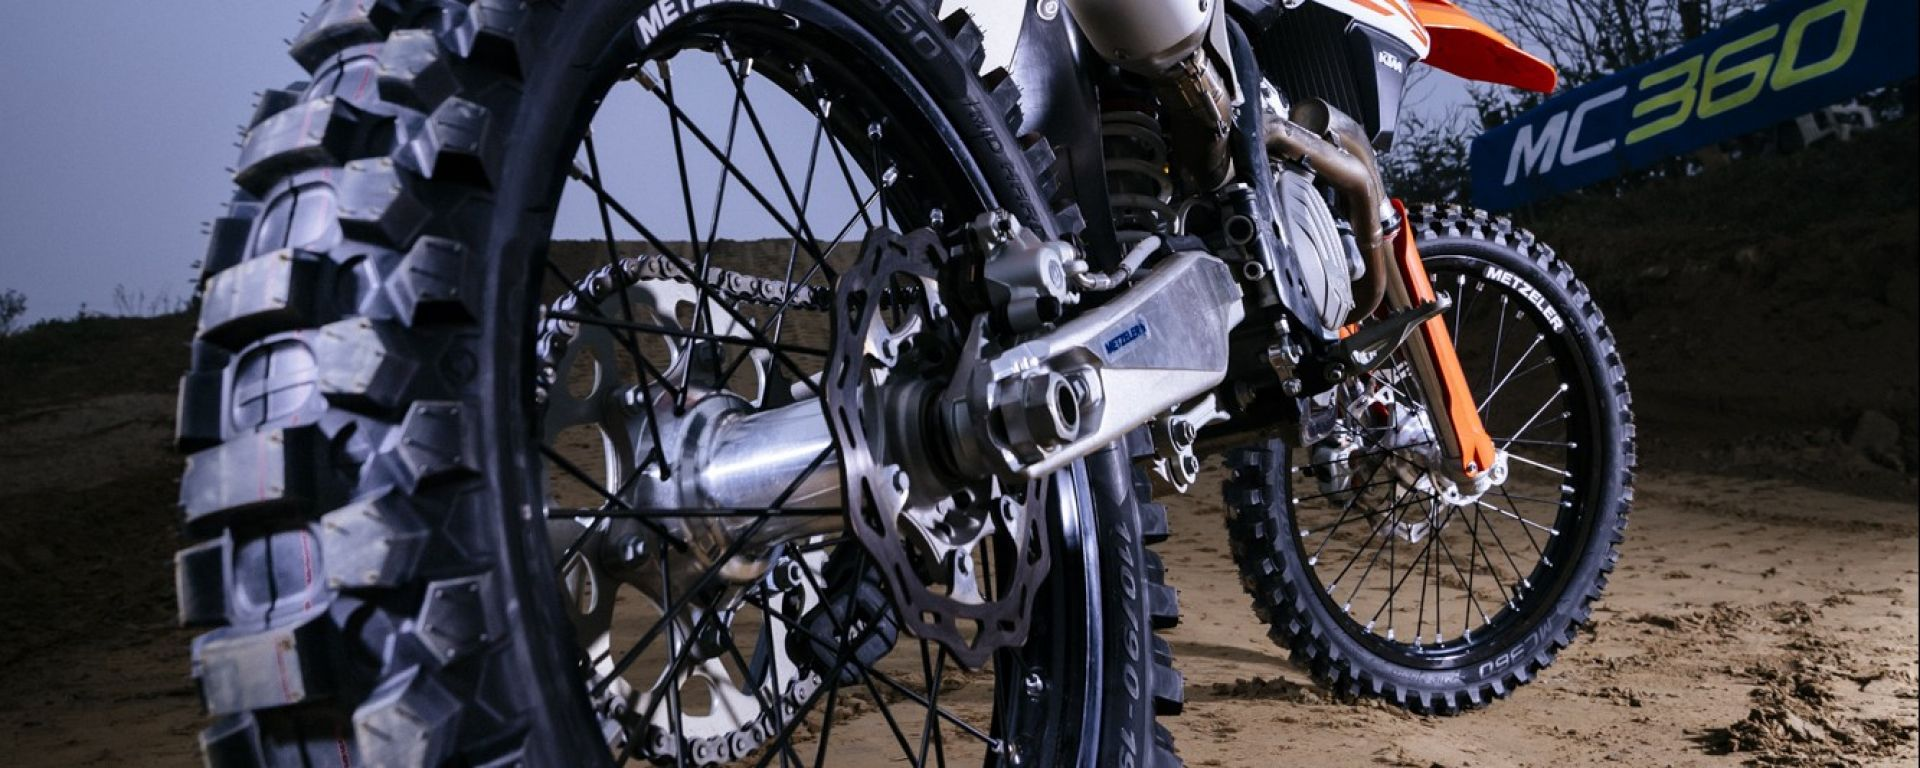 Metzeler MC360, in arrivo il nuovo pneumatico offroad